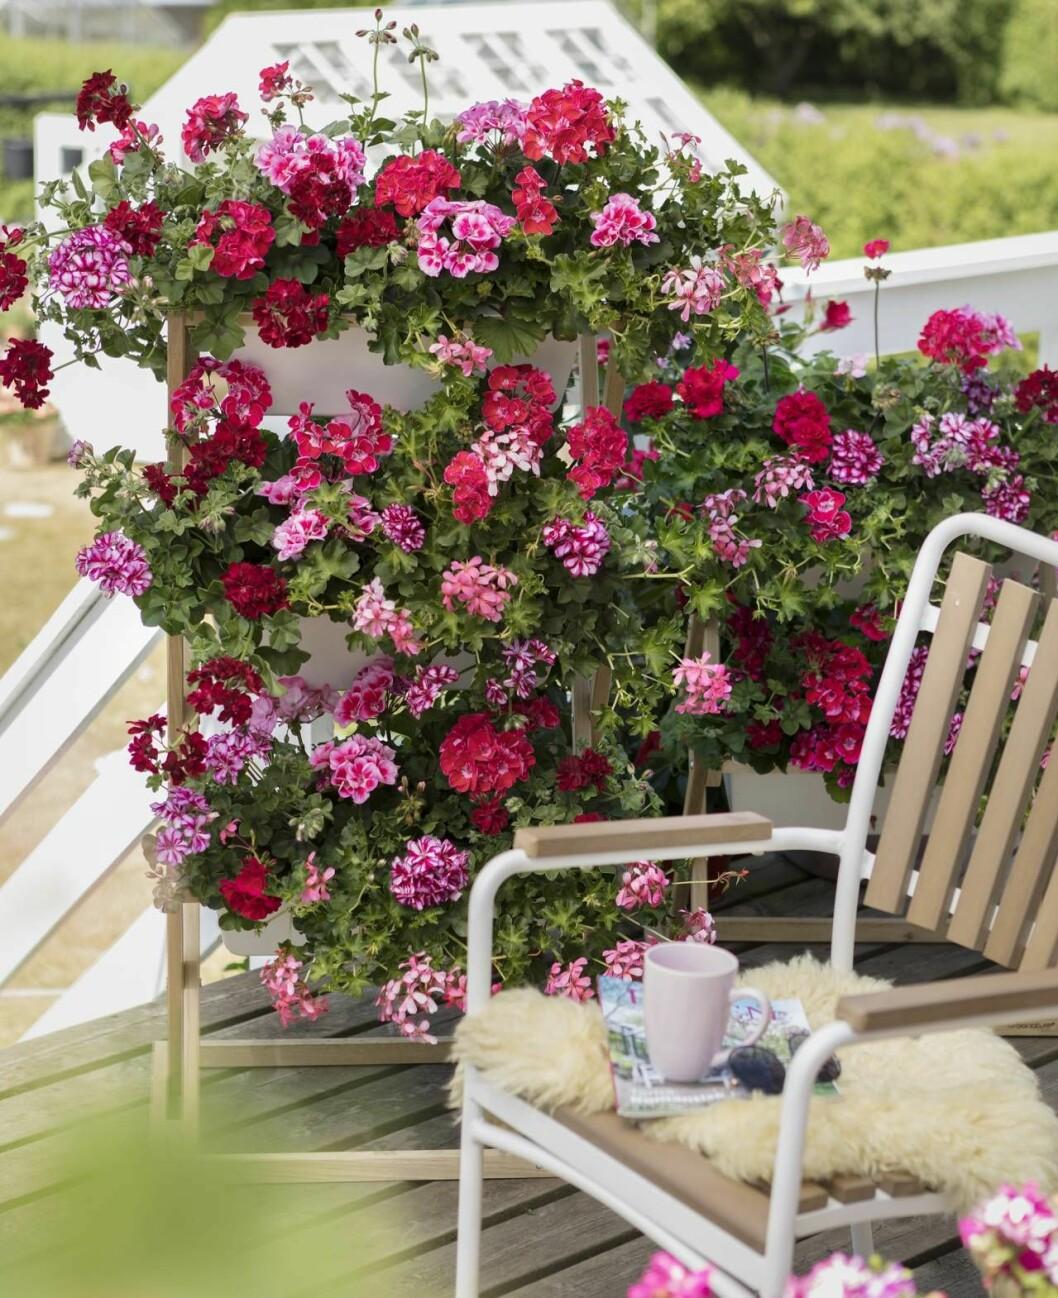 Pelargoner som växer på höjden. I förgrunden en stol med kaffekopp och filt.